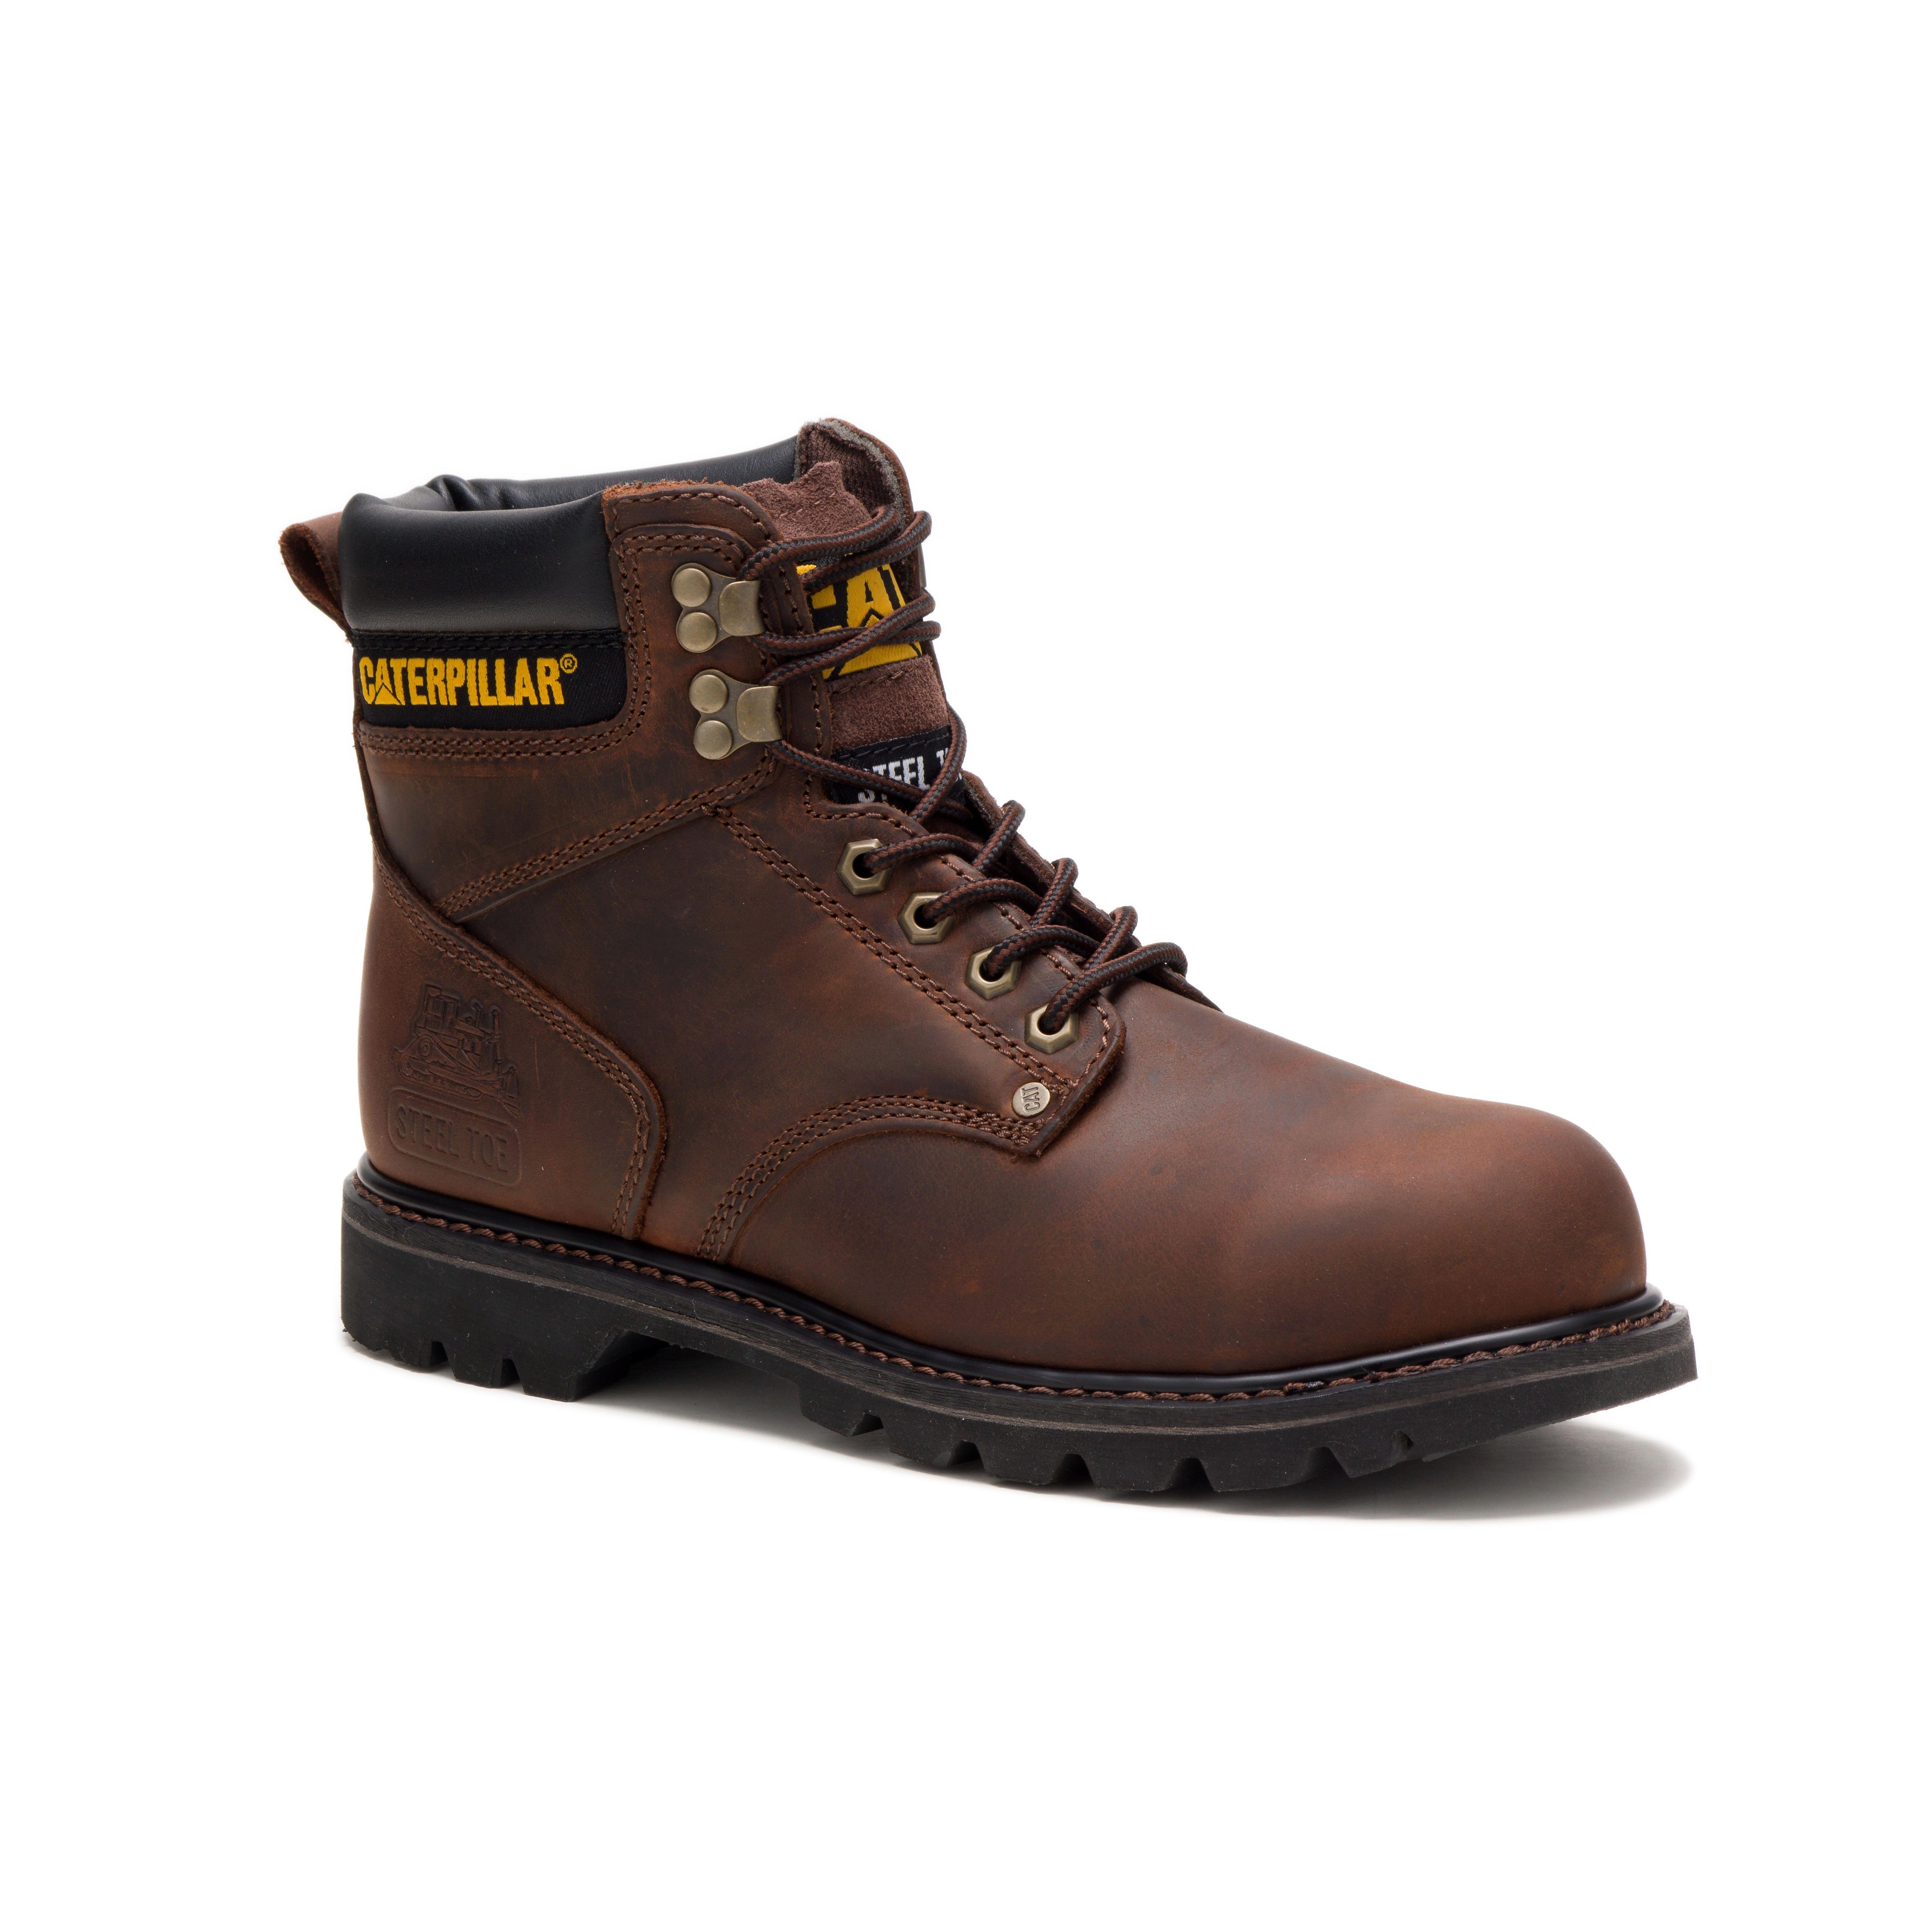 cat shoes built tough factory d7835 2e2d2